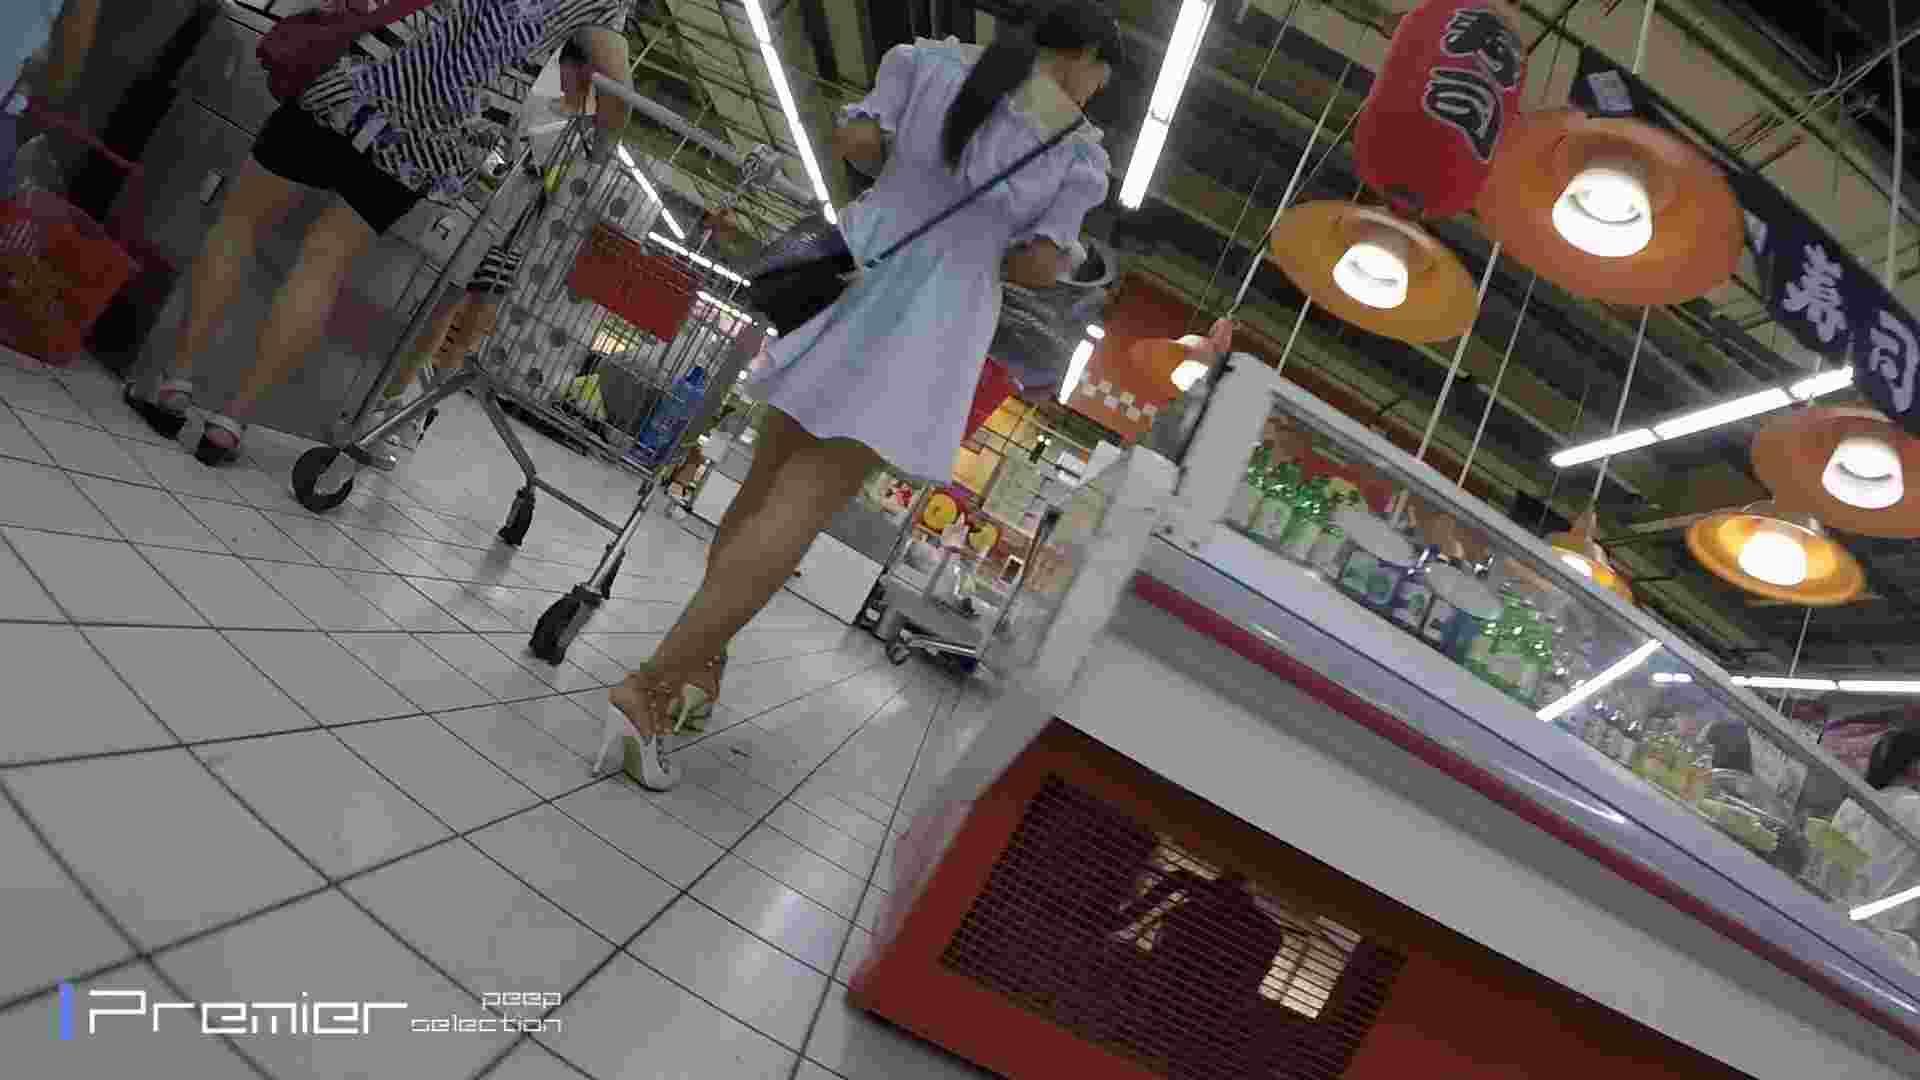 お嬢様風の乙女 食い込む黒パン 美女の下半身を粘着撮り! Vol.02 乙女もsex  84枚 49